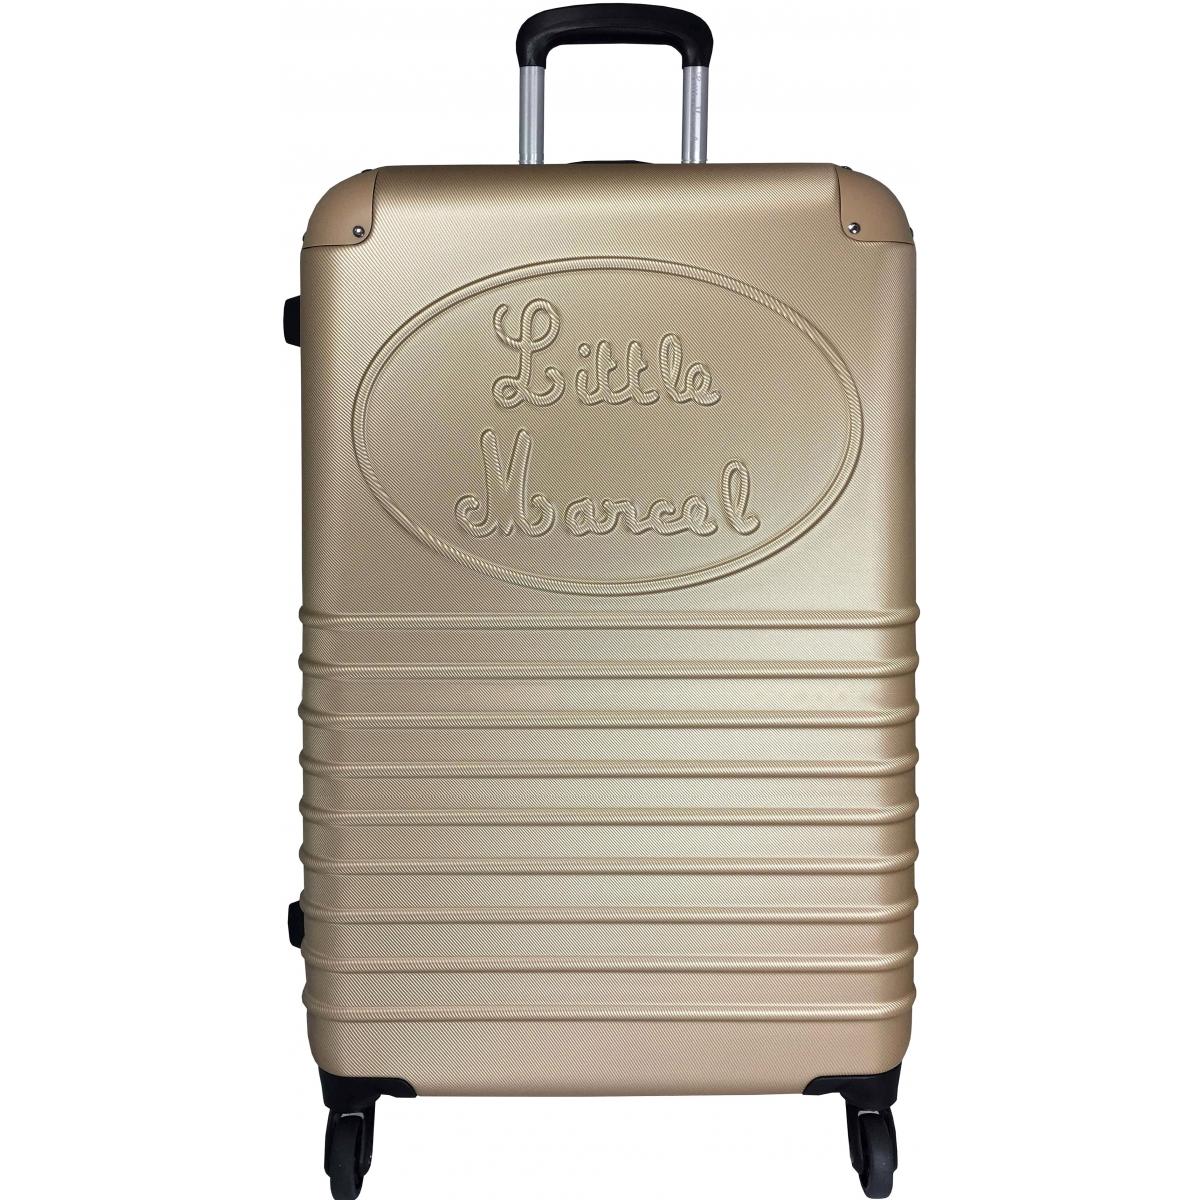 valise rigide little marcel grande taille champagne ba10221g couleur principale. Black Bedroom Furniture Sets. Home Design Ideas